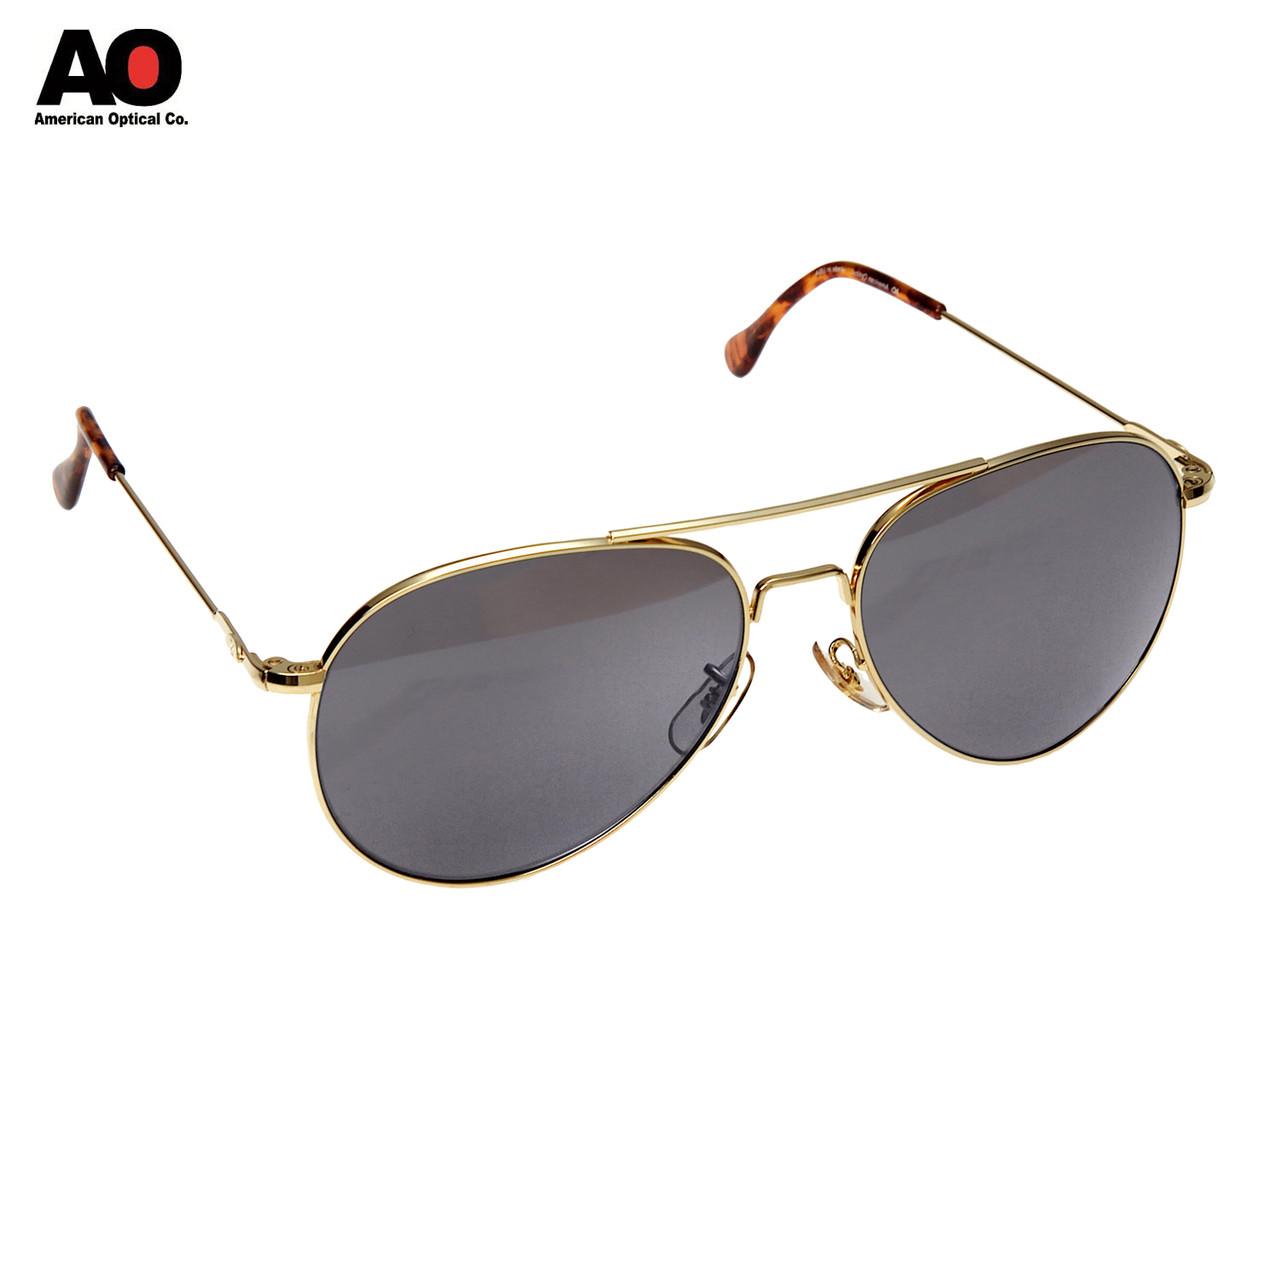 8fa5345c21 Shop American Optics Generals Aviator Sunglasses - Fatigues Army ...